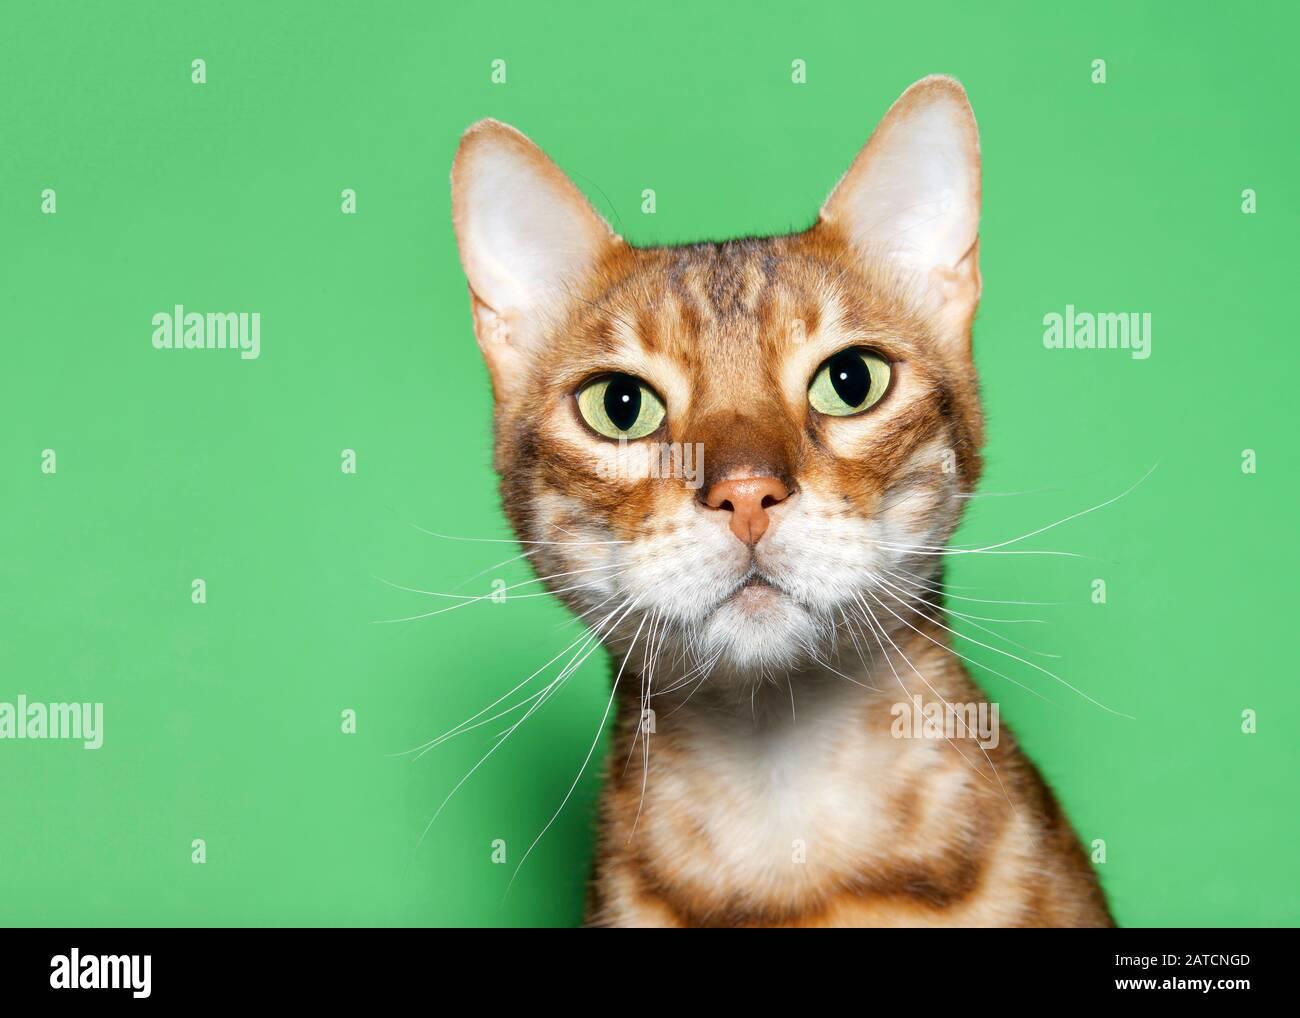 Gros plan portrait d'un adorable chat bBengale orange et brun regardant le spectateur avec une expression curieuse. Arrière-plan vert avec espace de copie. Banque D'Images